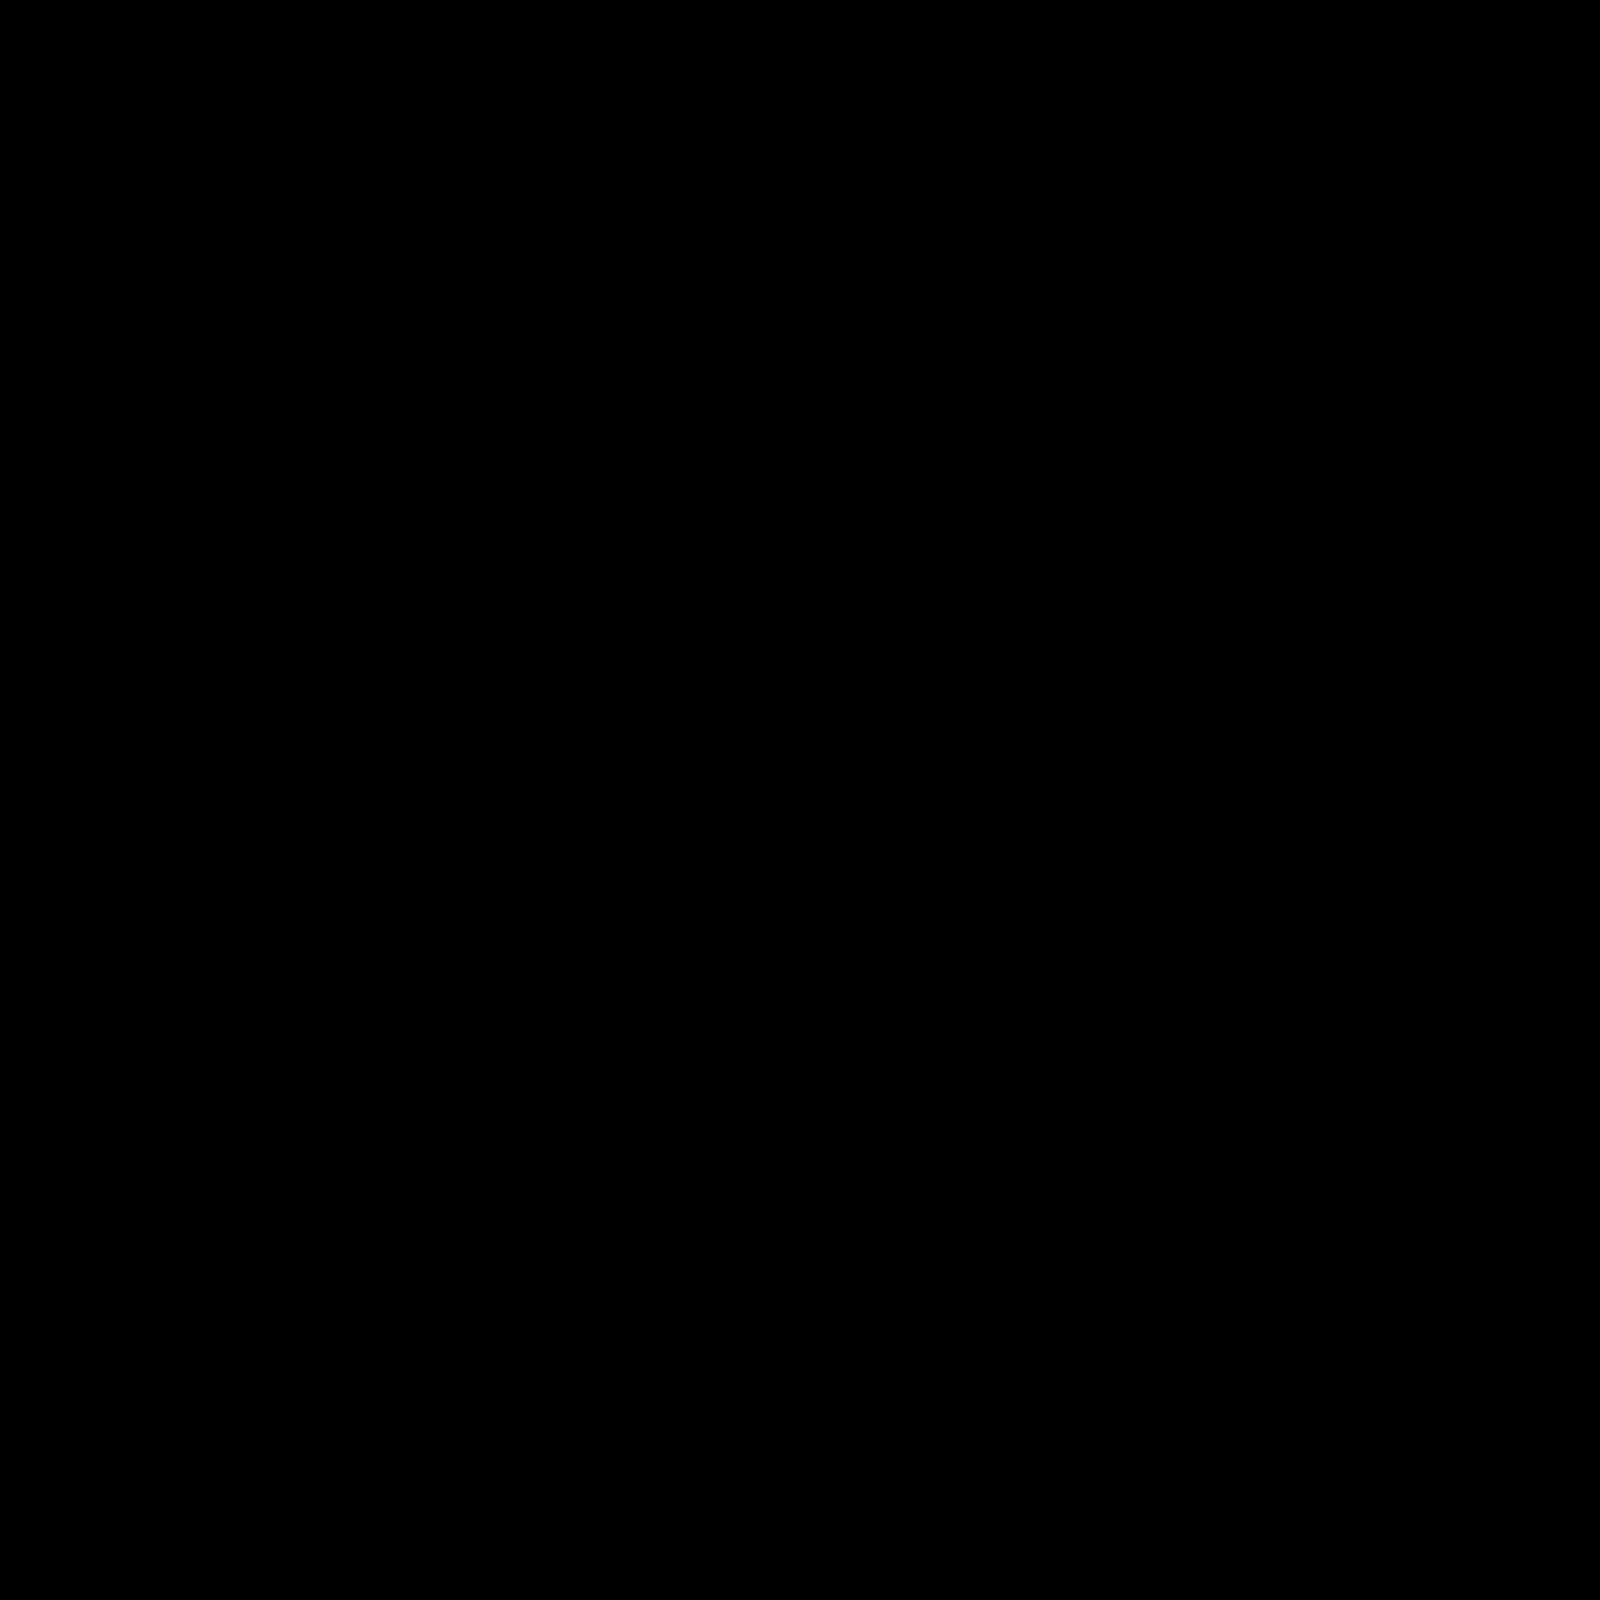 Tab PNG - 82676